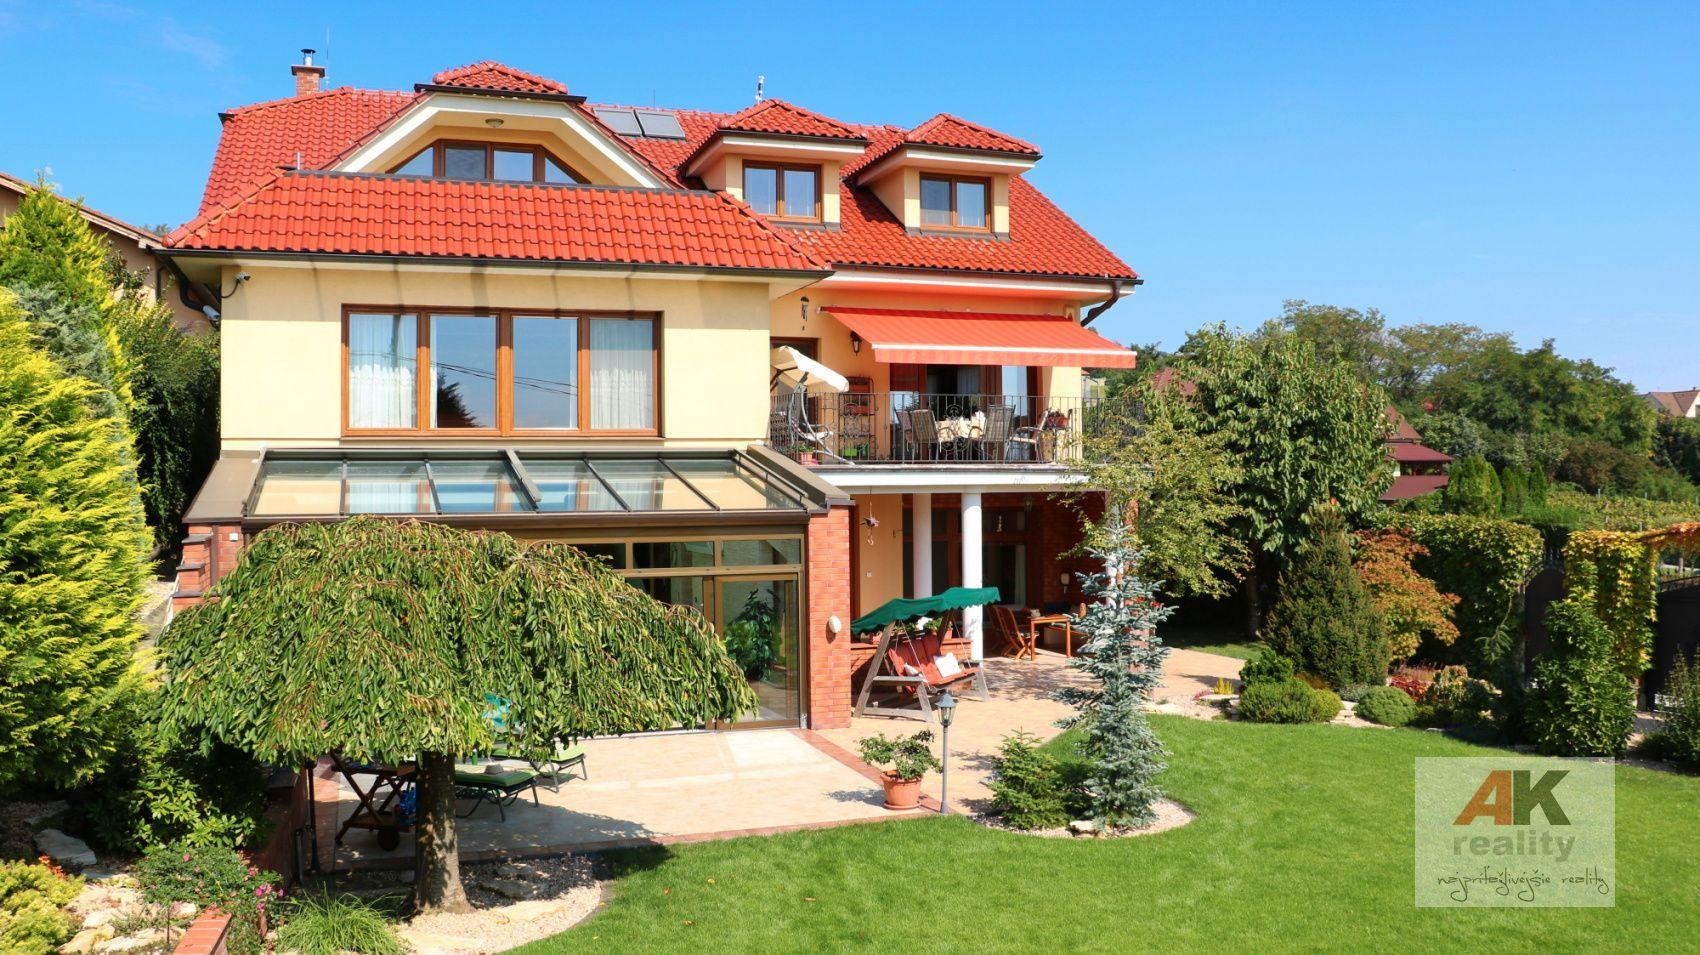 Vila-Predaj-Svätý Jur-750000.00 €